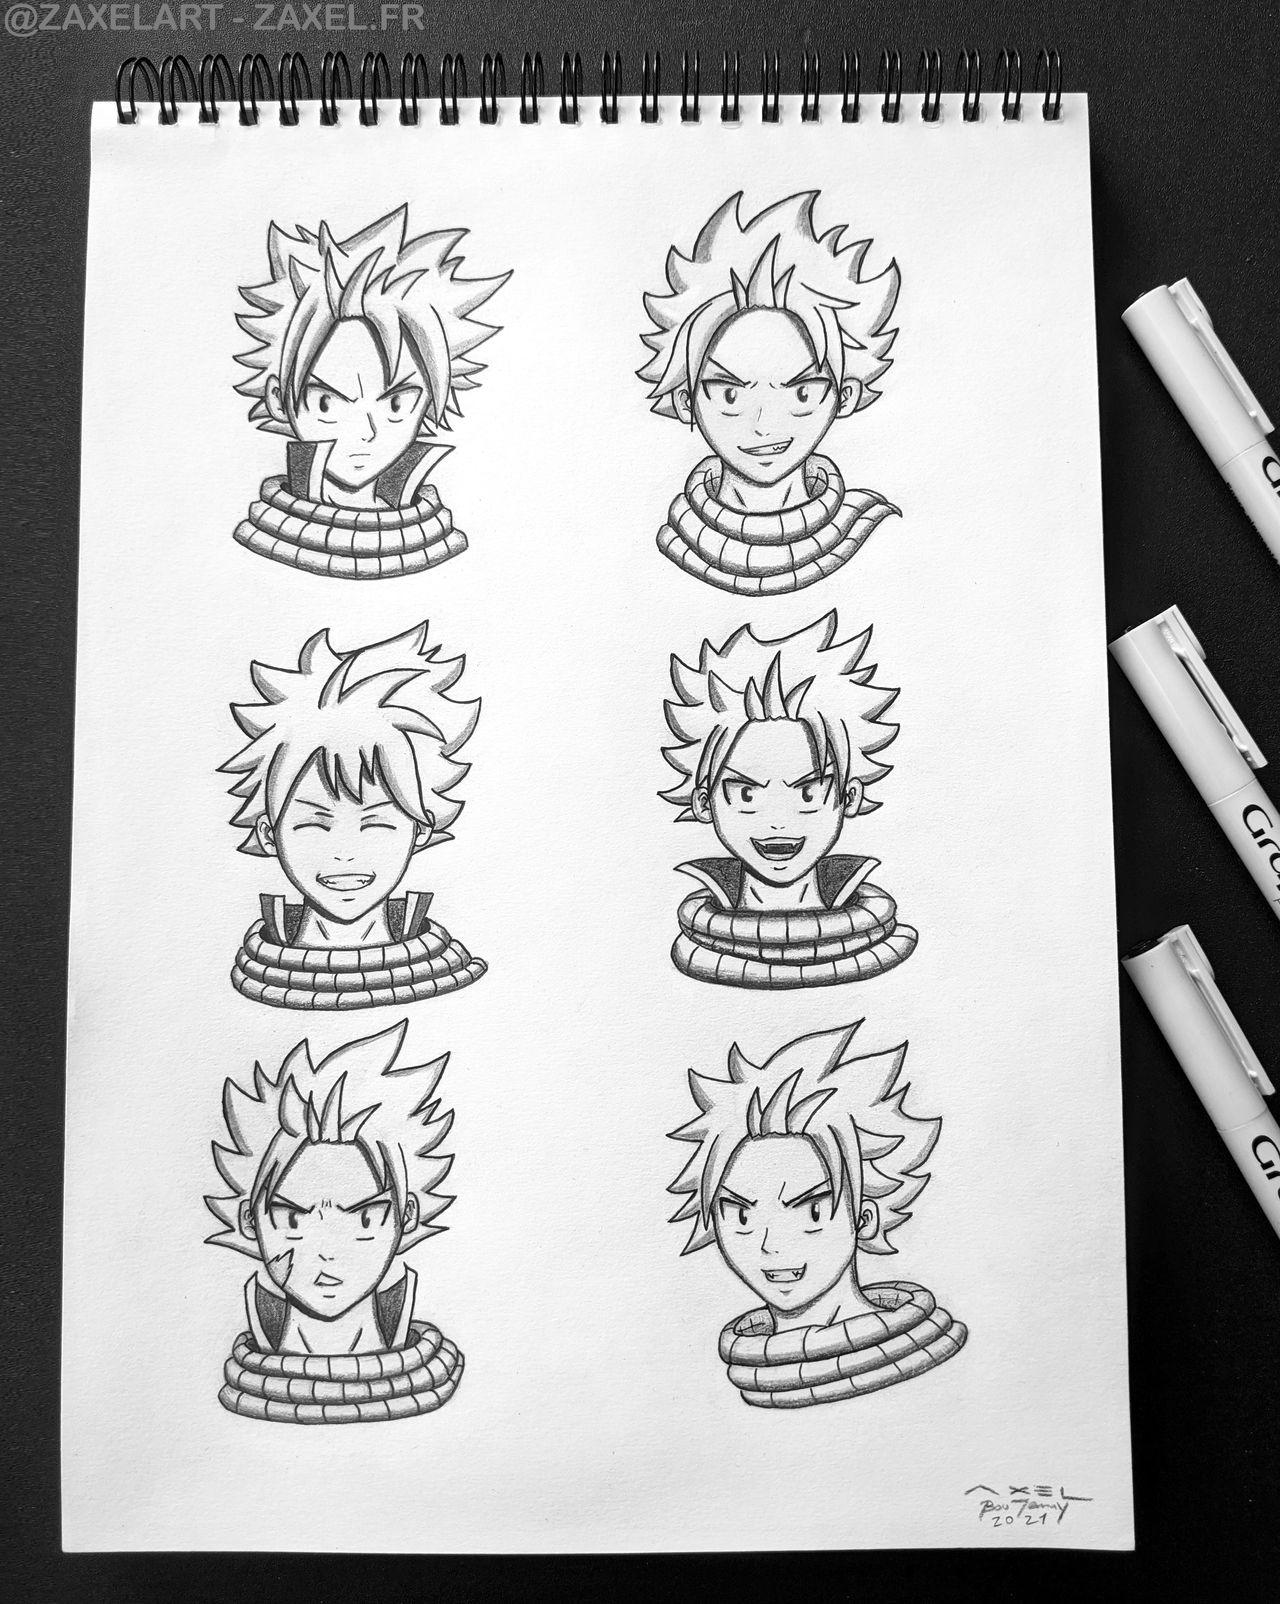 Natsu - Pencil Art